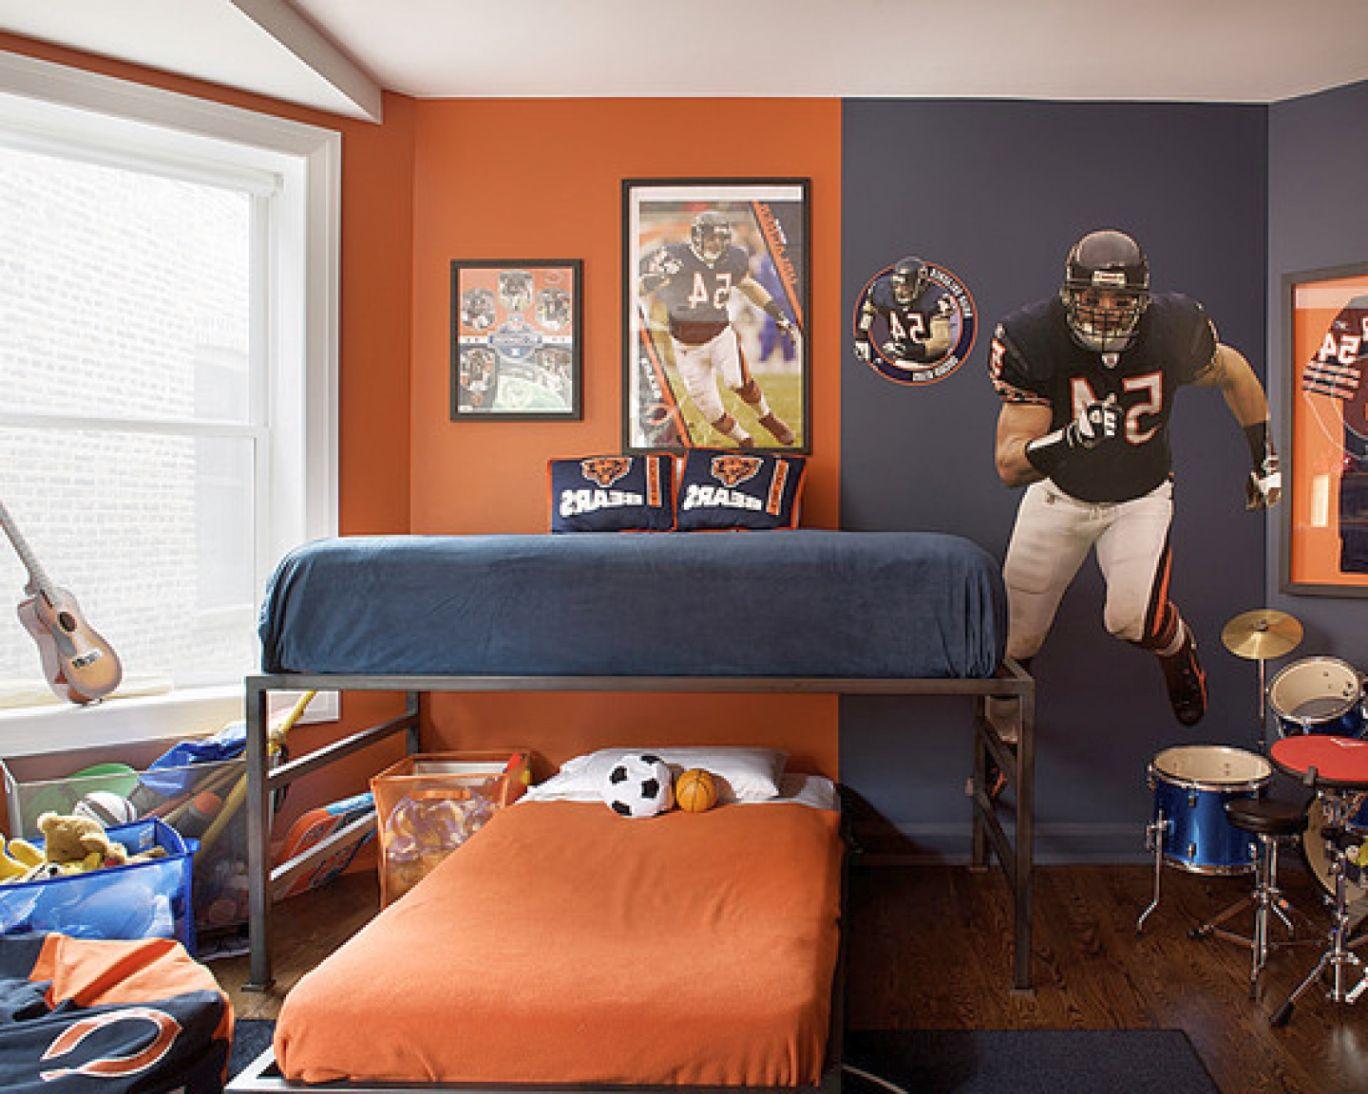 12 Superb Room Decor Ideas for Teenage Boys on Teenage Room Decoration  id=50371